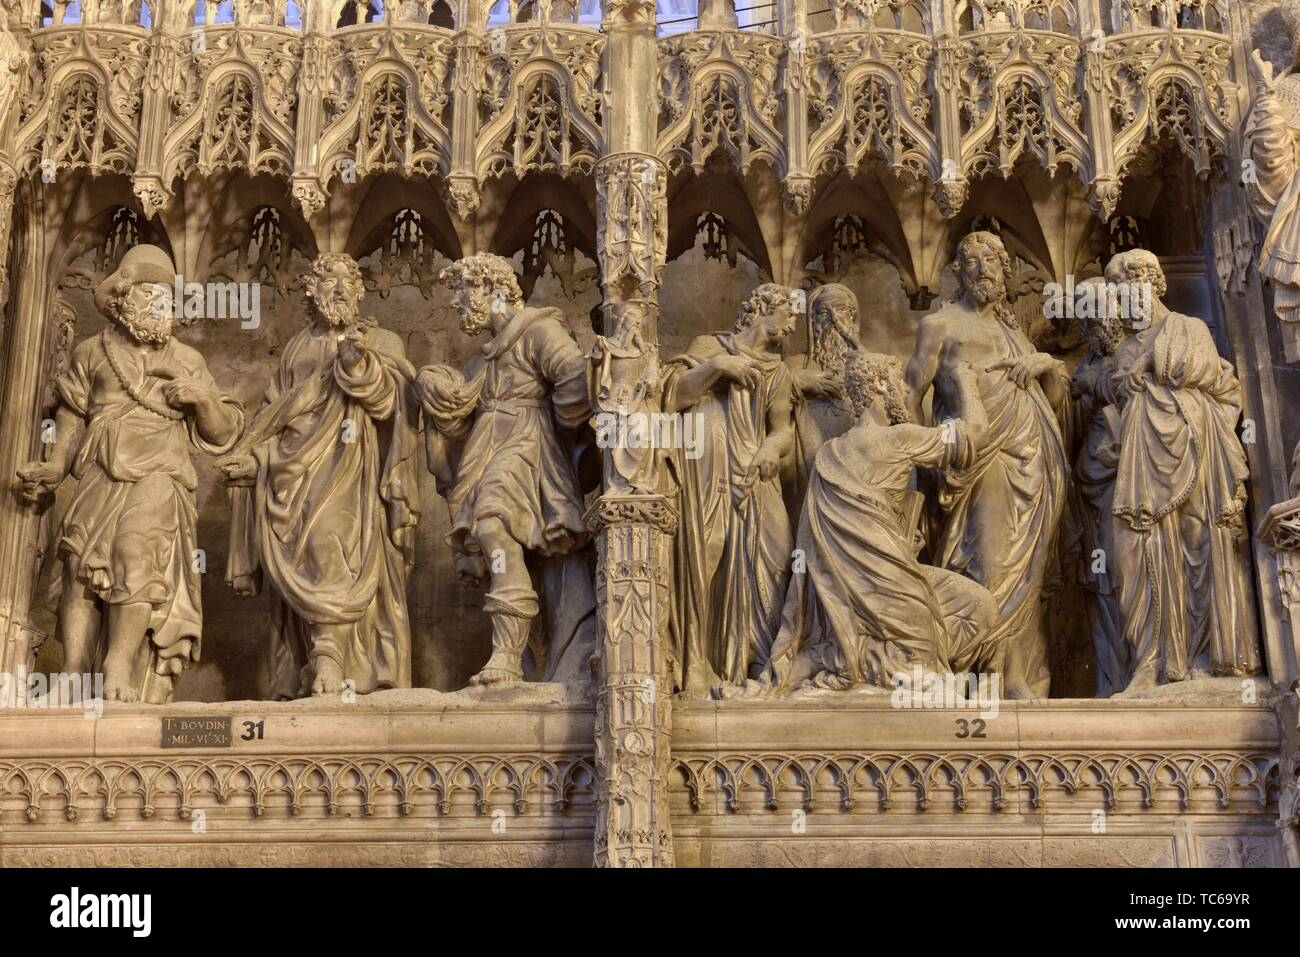 Les Pelerins d'Emmaus et L'incredulite de Thomas, scenes sculptees, par Thomas Boudin en 1610 et 1611, ornant la cloture ou tour du choeur de la - Stock Image